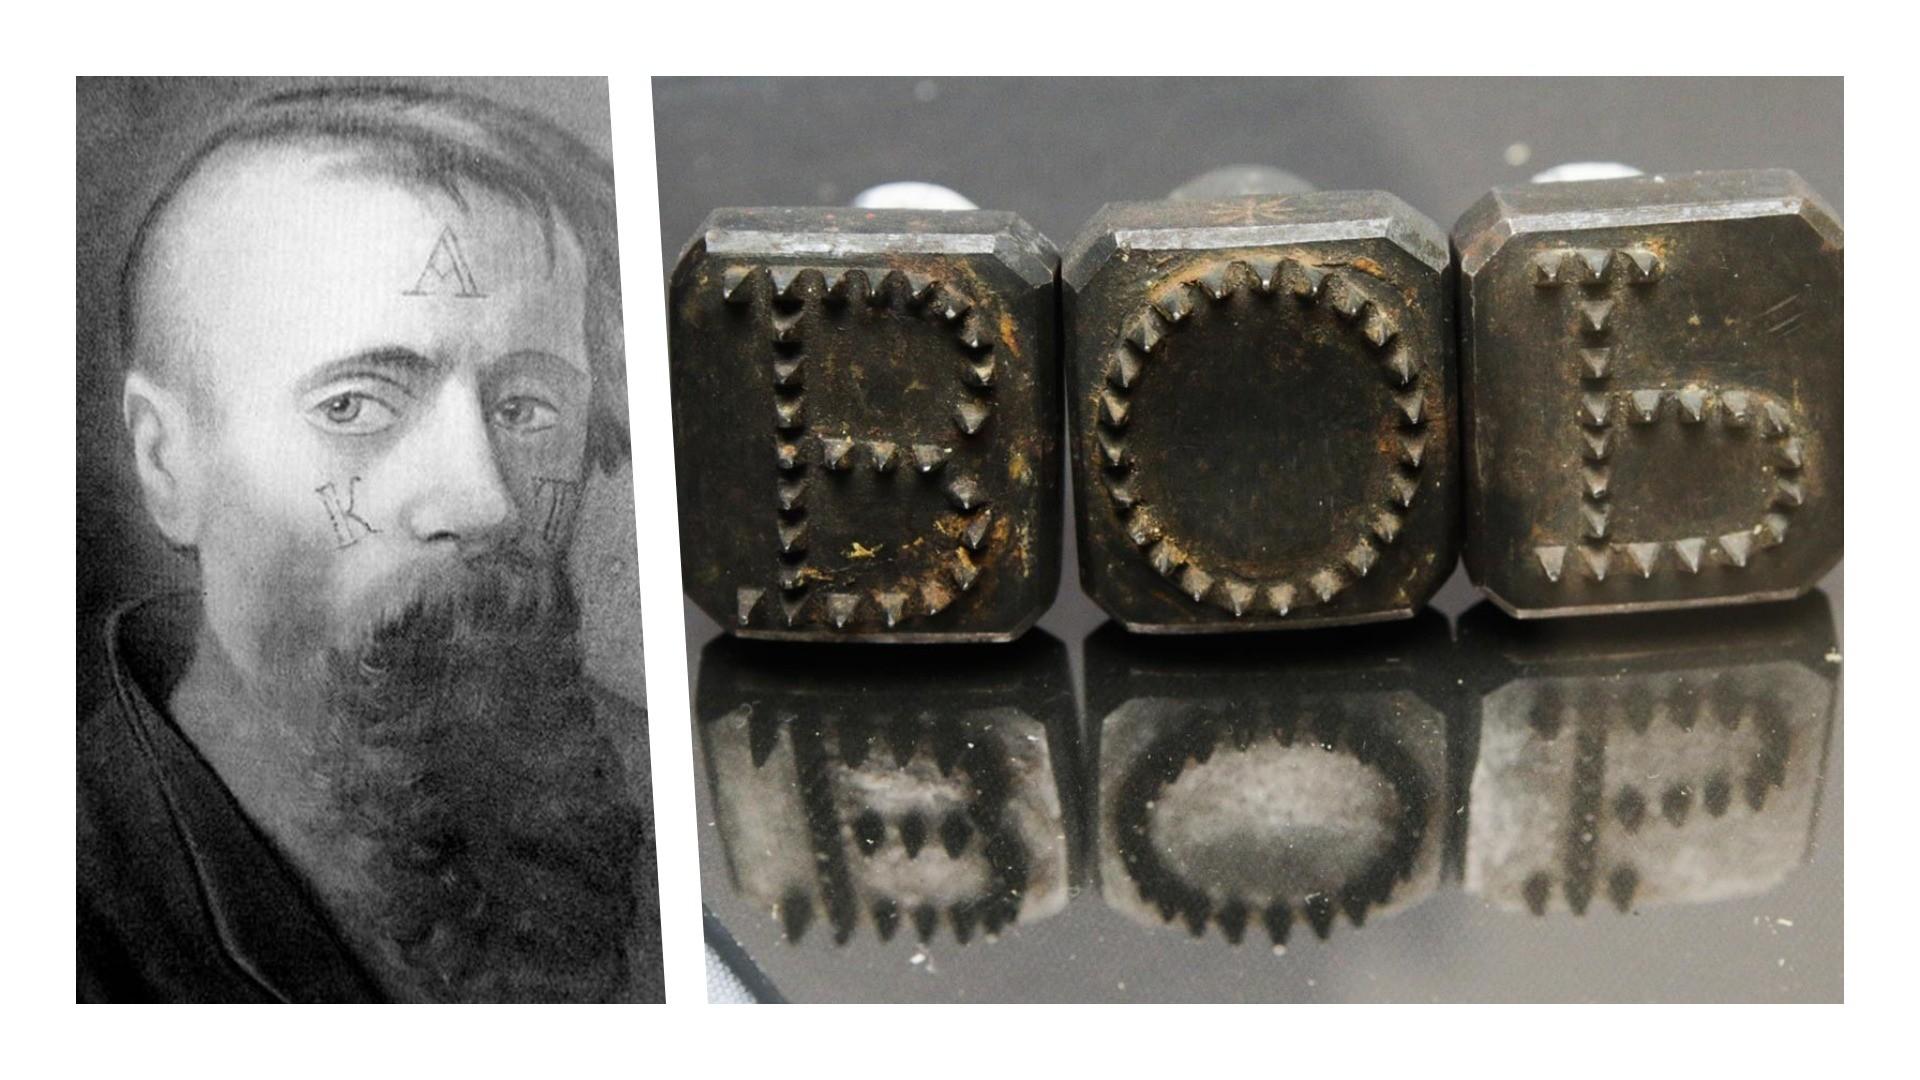 La méthode de marquage du visage d'un condamné / Outil de marquage, début du XIXe siècle